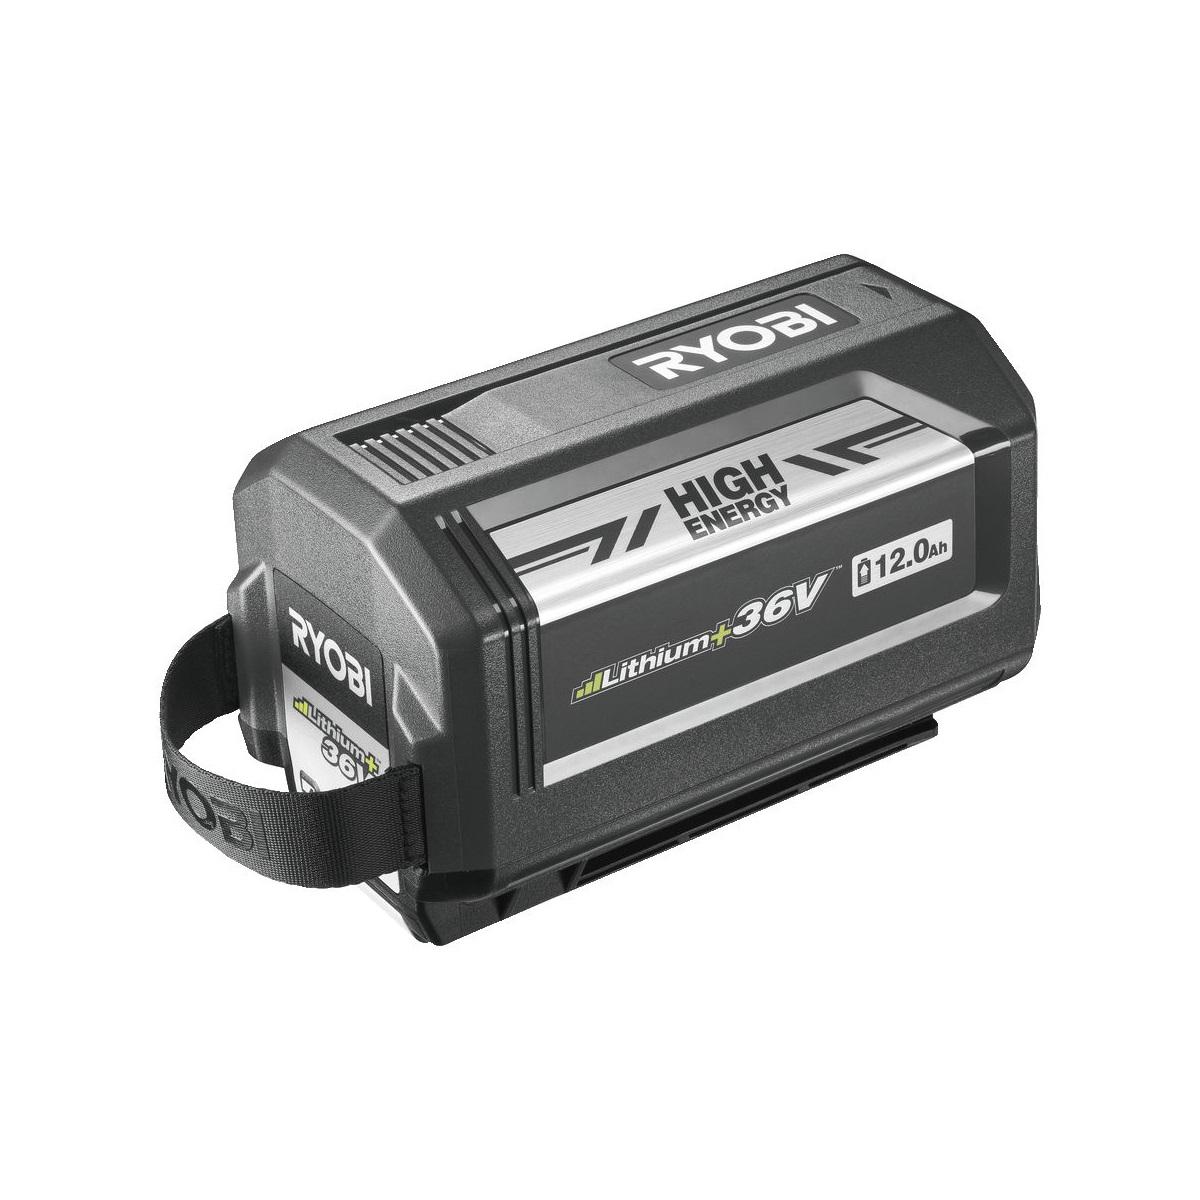 Ryobi RY36B12A36V 1x 12,0 Ah High Energy akumulátor